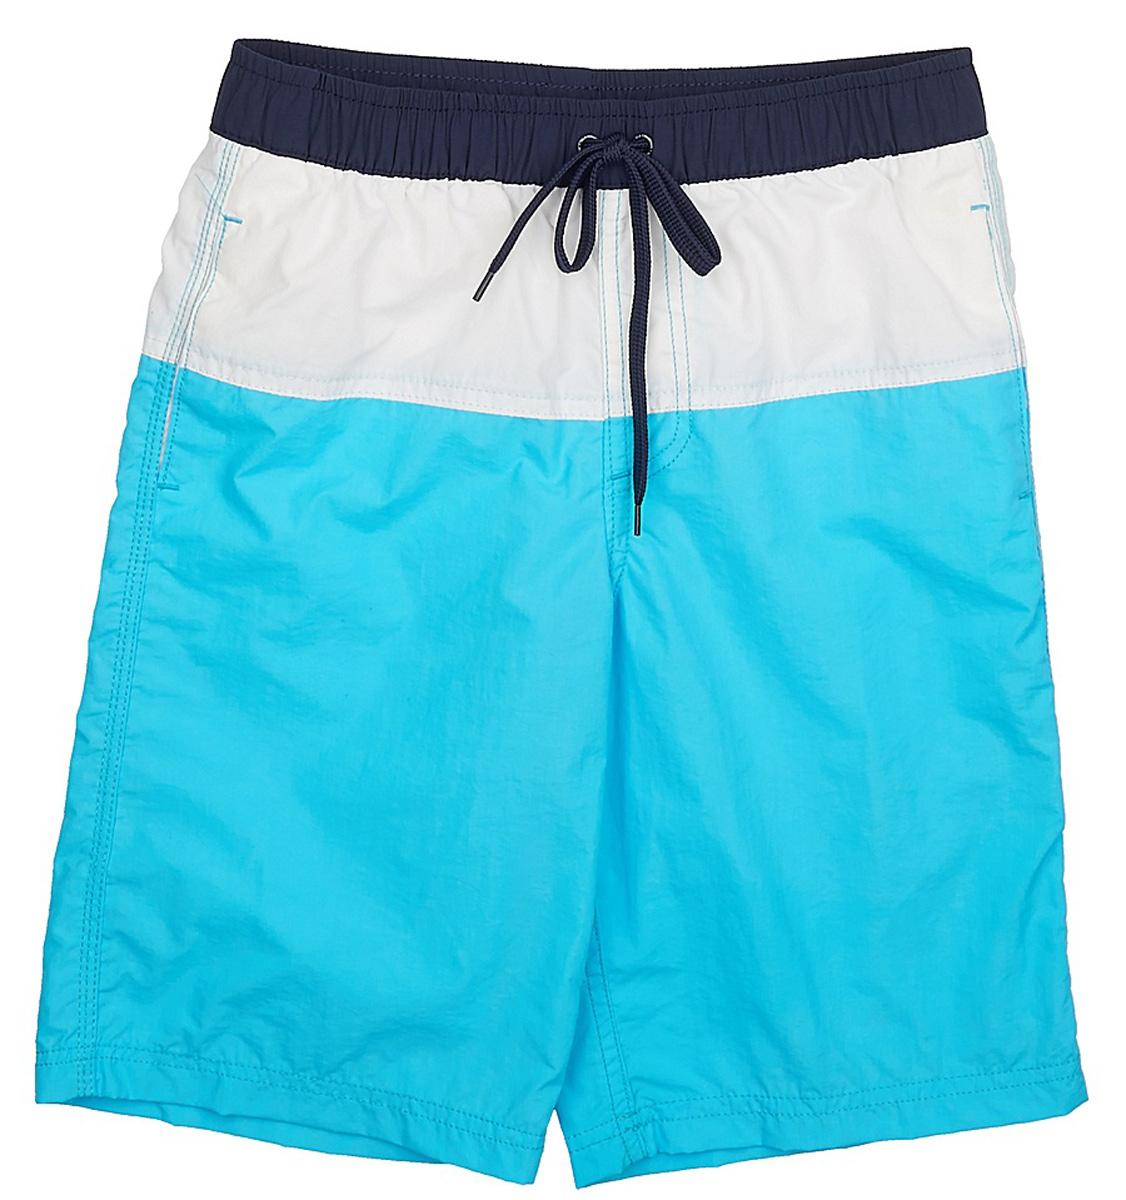 Шорты пляжные для мальчика Sela, цвет: светлый аквамарин. SHsp-815/334-7225. Размер 128SHsp-815/334-7225Пляжные шорты для мальчика Sela, изготовленные из качественного материала трех цветов, - идеальный вариант, как для купания, так и для отдыха на пляже. Модель с вшитыми сетчатыми трусиками на поясе имеет эластичную резинку, регулируемую шнурком, благодаря чему шорты не сдавливают живот ребенка и не сползают. Изделие дополнено двумя прорезными карманами.Шорты быстро сохнут и сохраняют первоначальный вид и форму даже при длительном использовании.